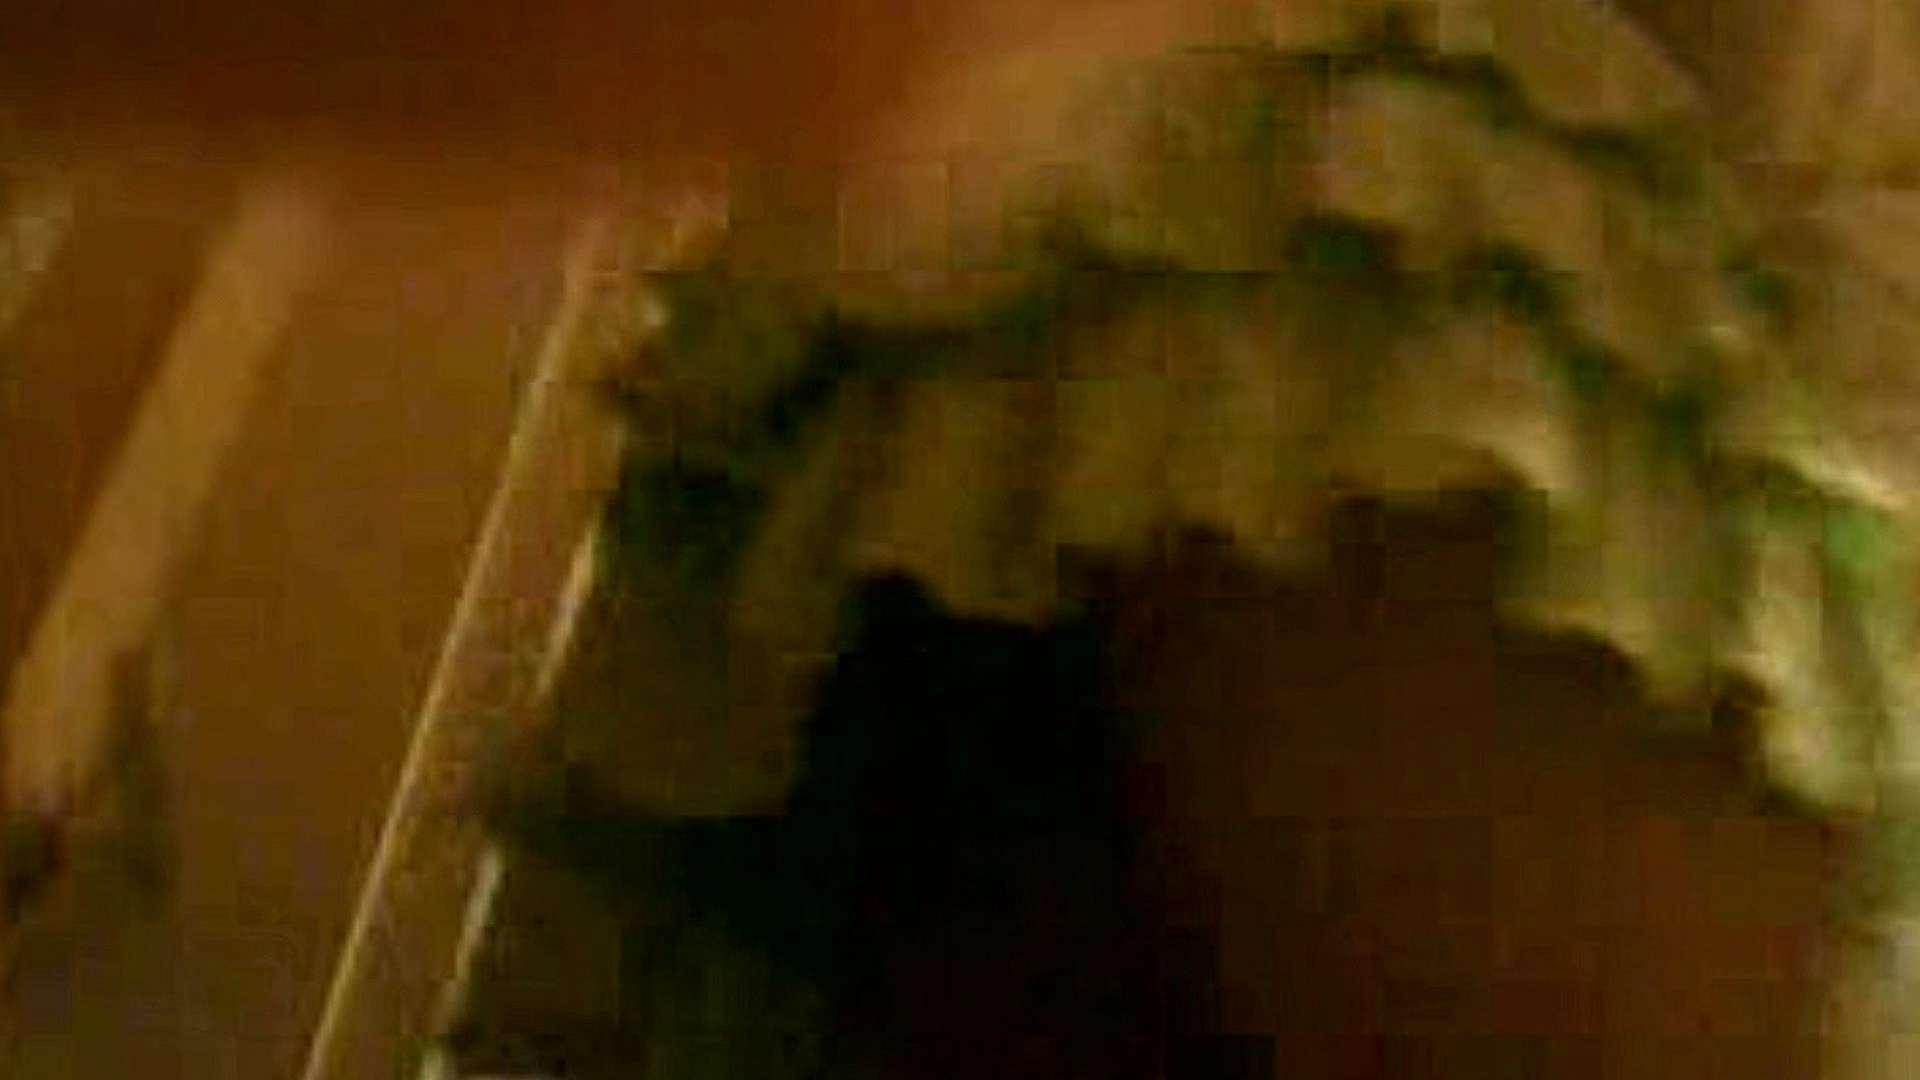 ▲復活限定D▲ややぽちゃ童顔の カナちゃん Vol.03 脱衣編 OLのボディ | 期間限定  55PIX